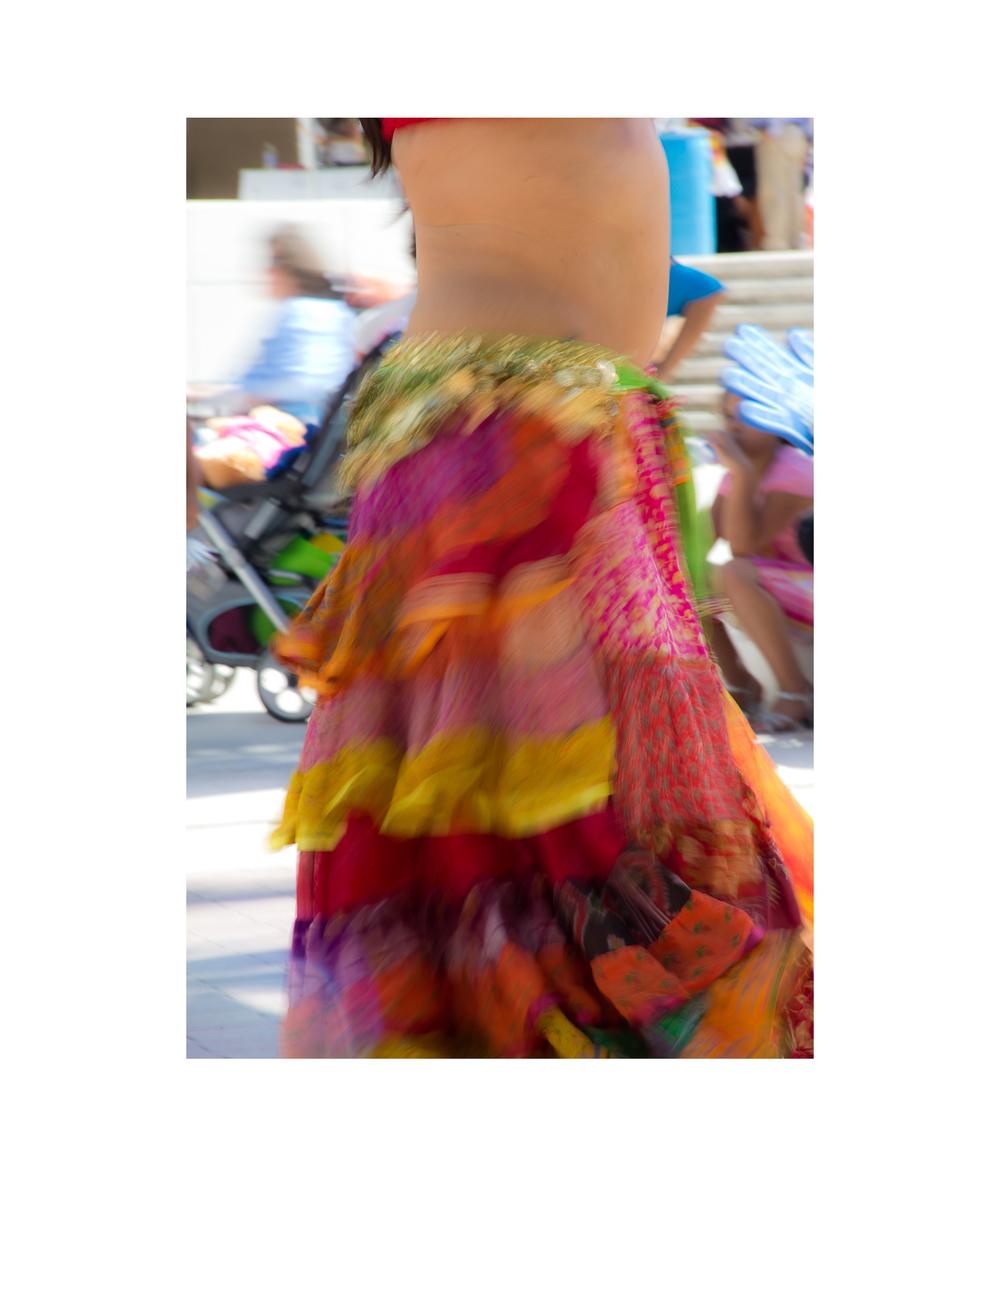 blurred1-6.jpg